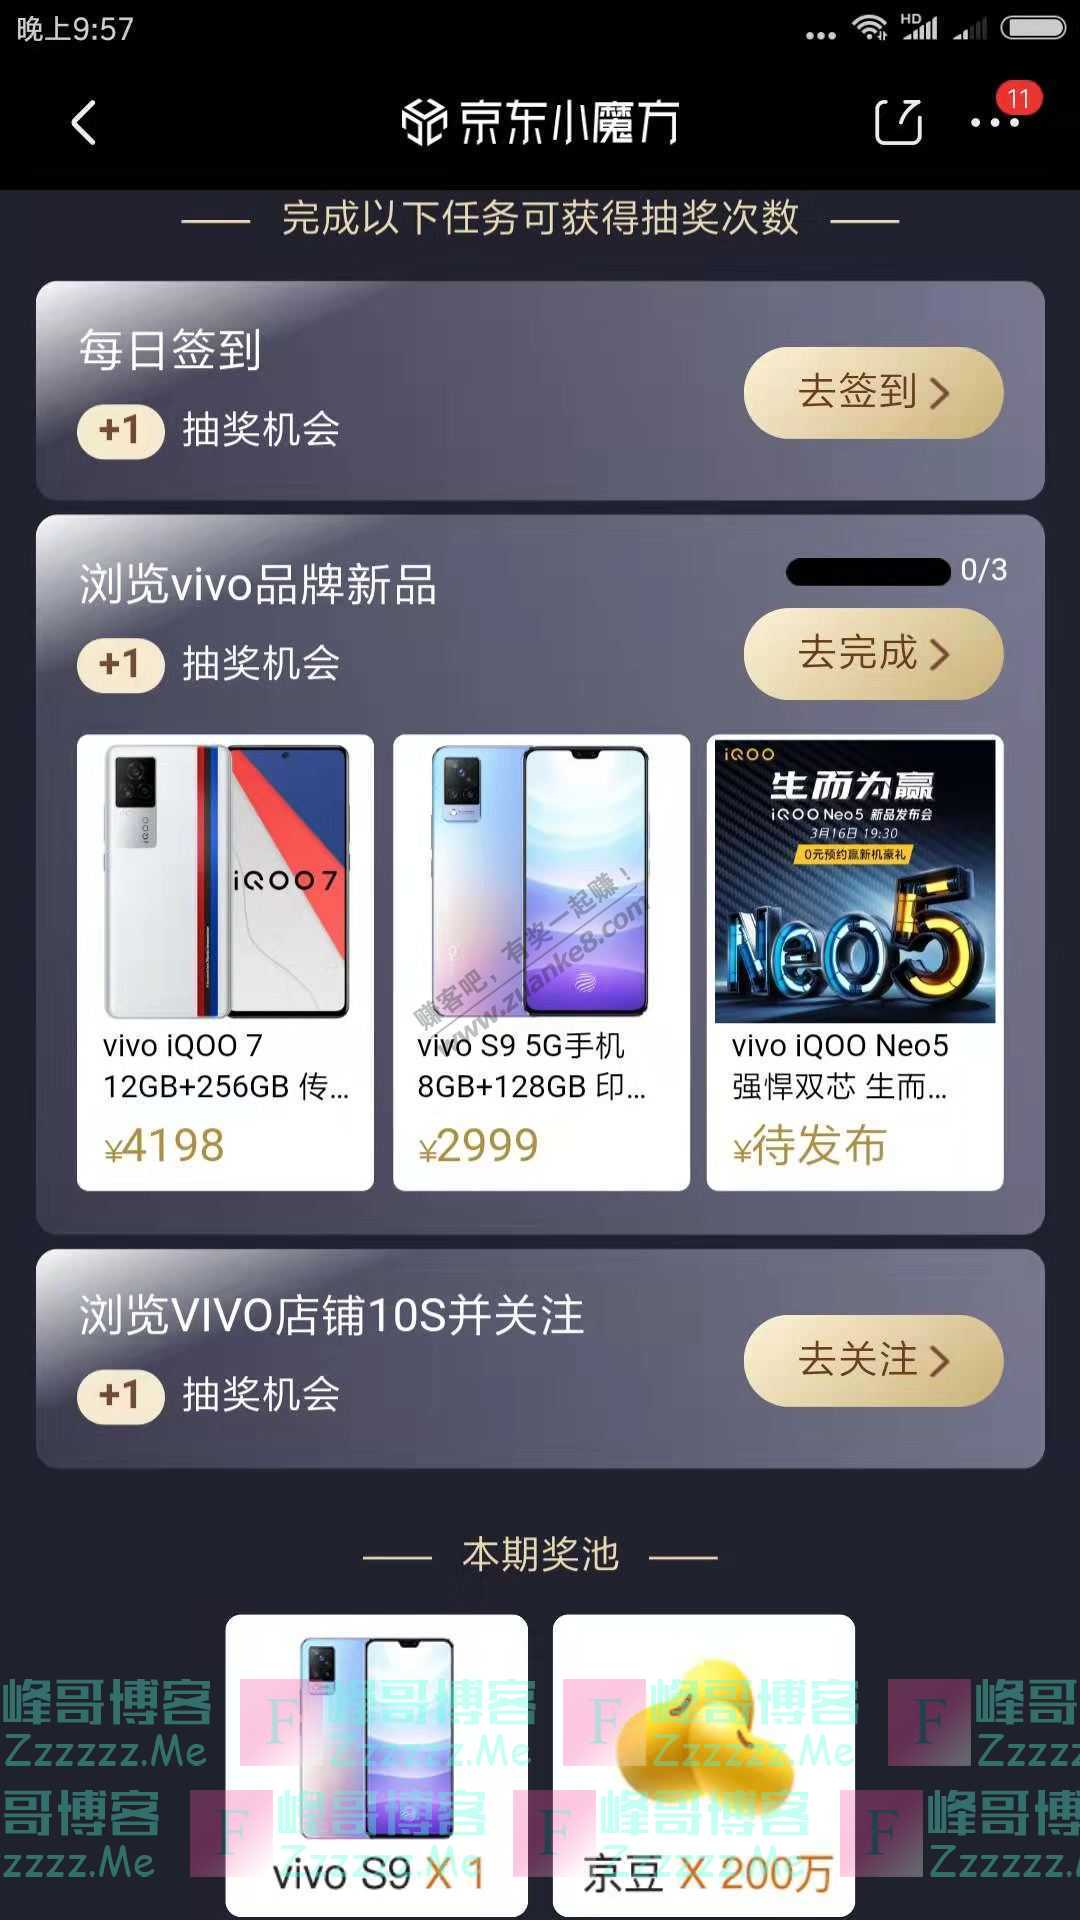 京东app转魔方赢新品(截止3月12日)